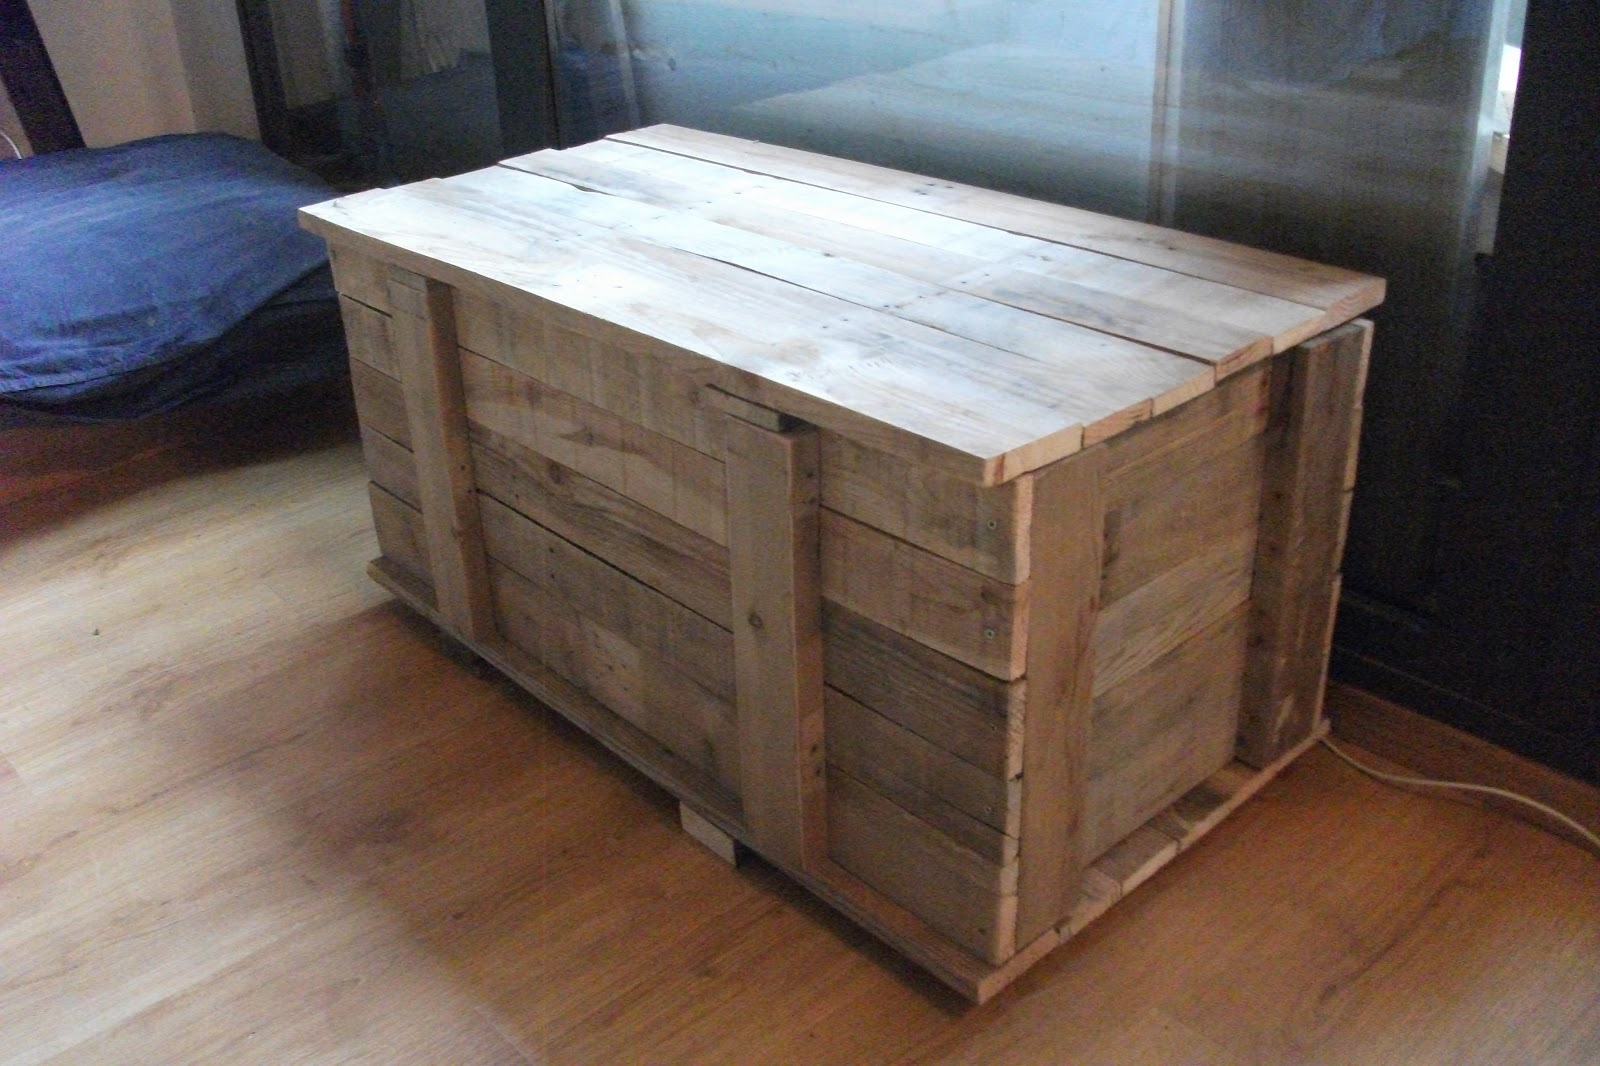 Renovarte con palets baul arcon que a su vez son bancas - Baules baratos madera ...